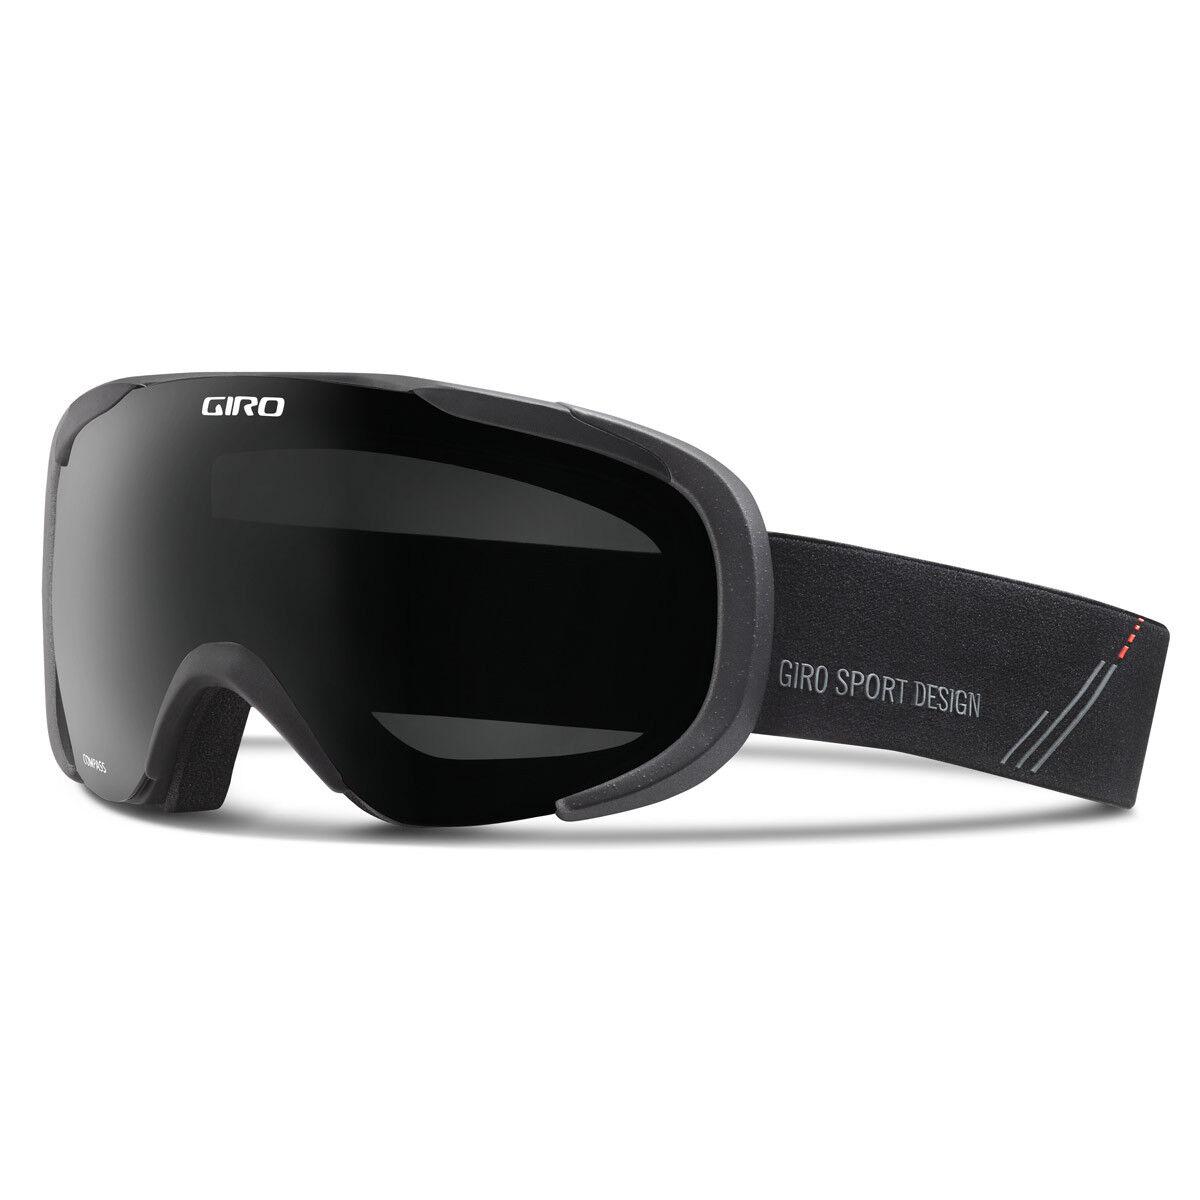 Giro Compass schwarz fabricator Skibrille verspiegelt Polarisation e